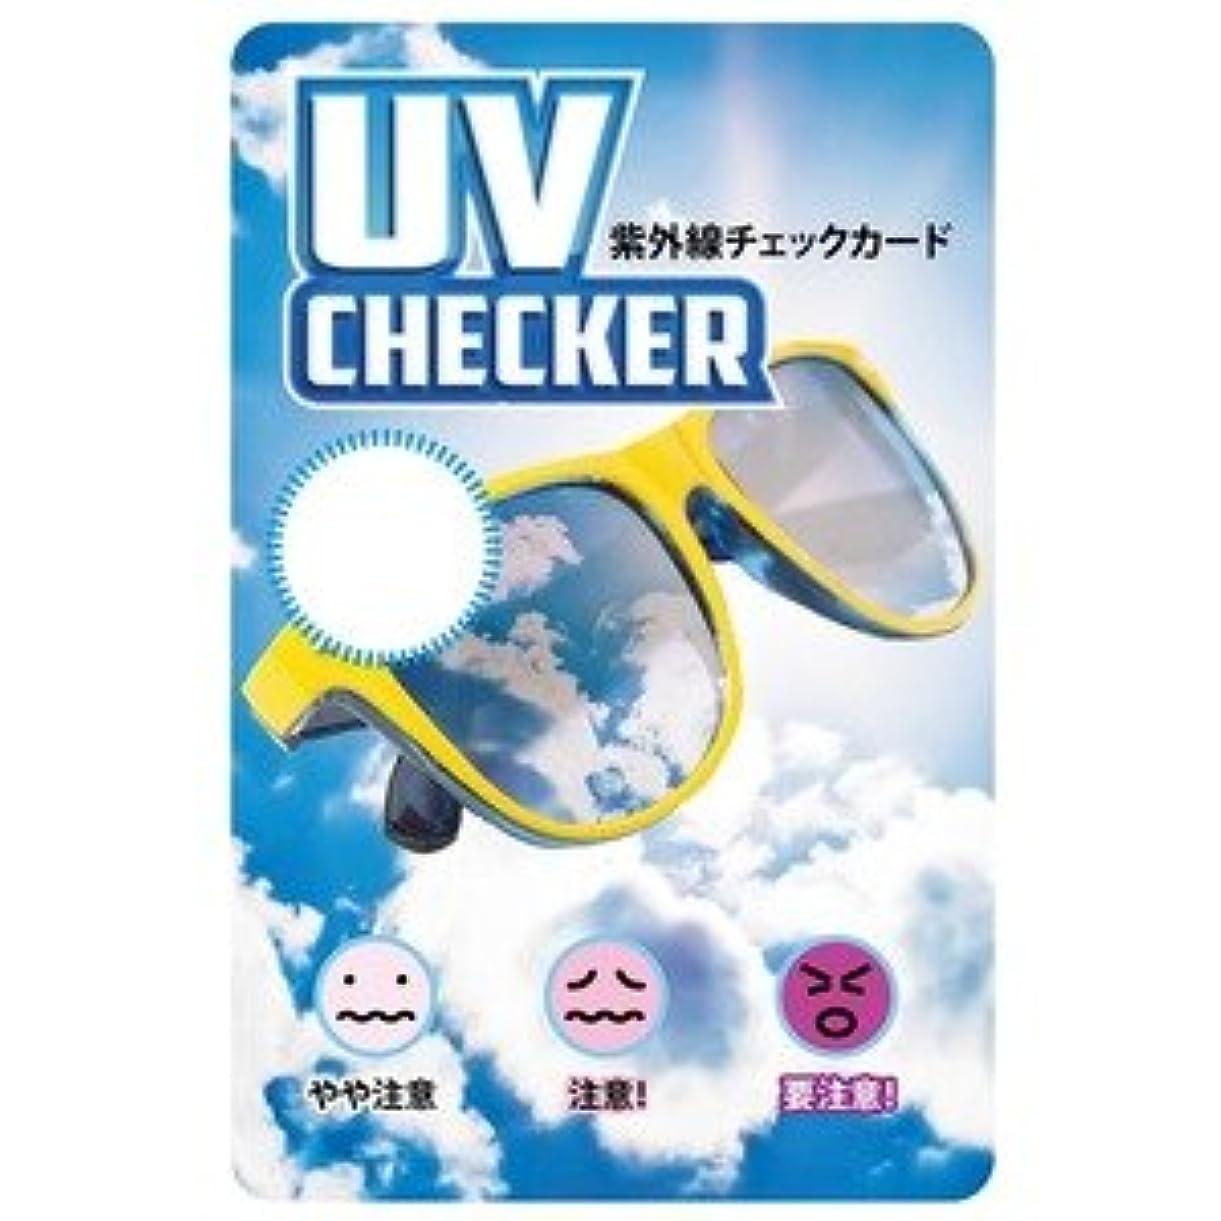 葡萄童謡データム紫外線チェックカード?UV6 【100枚セット】 紫外線対策